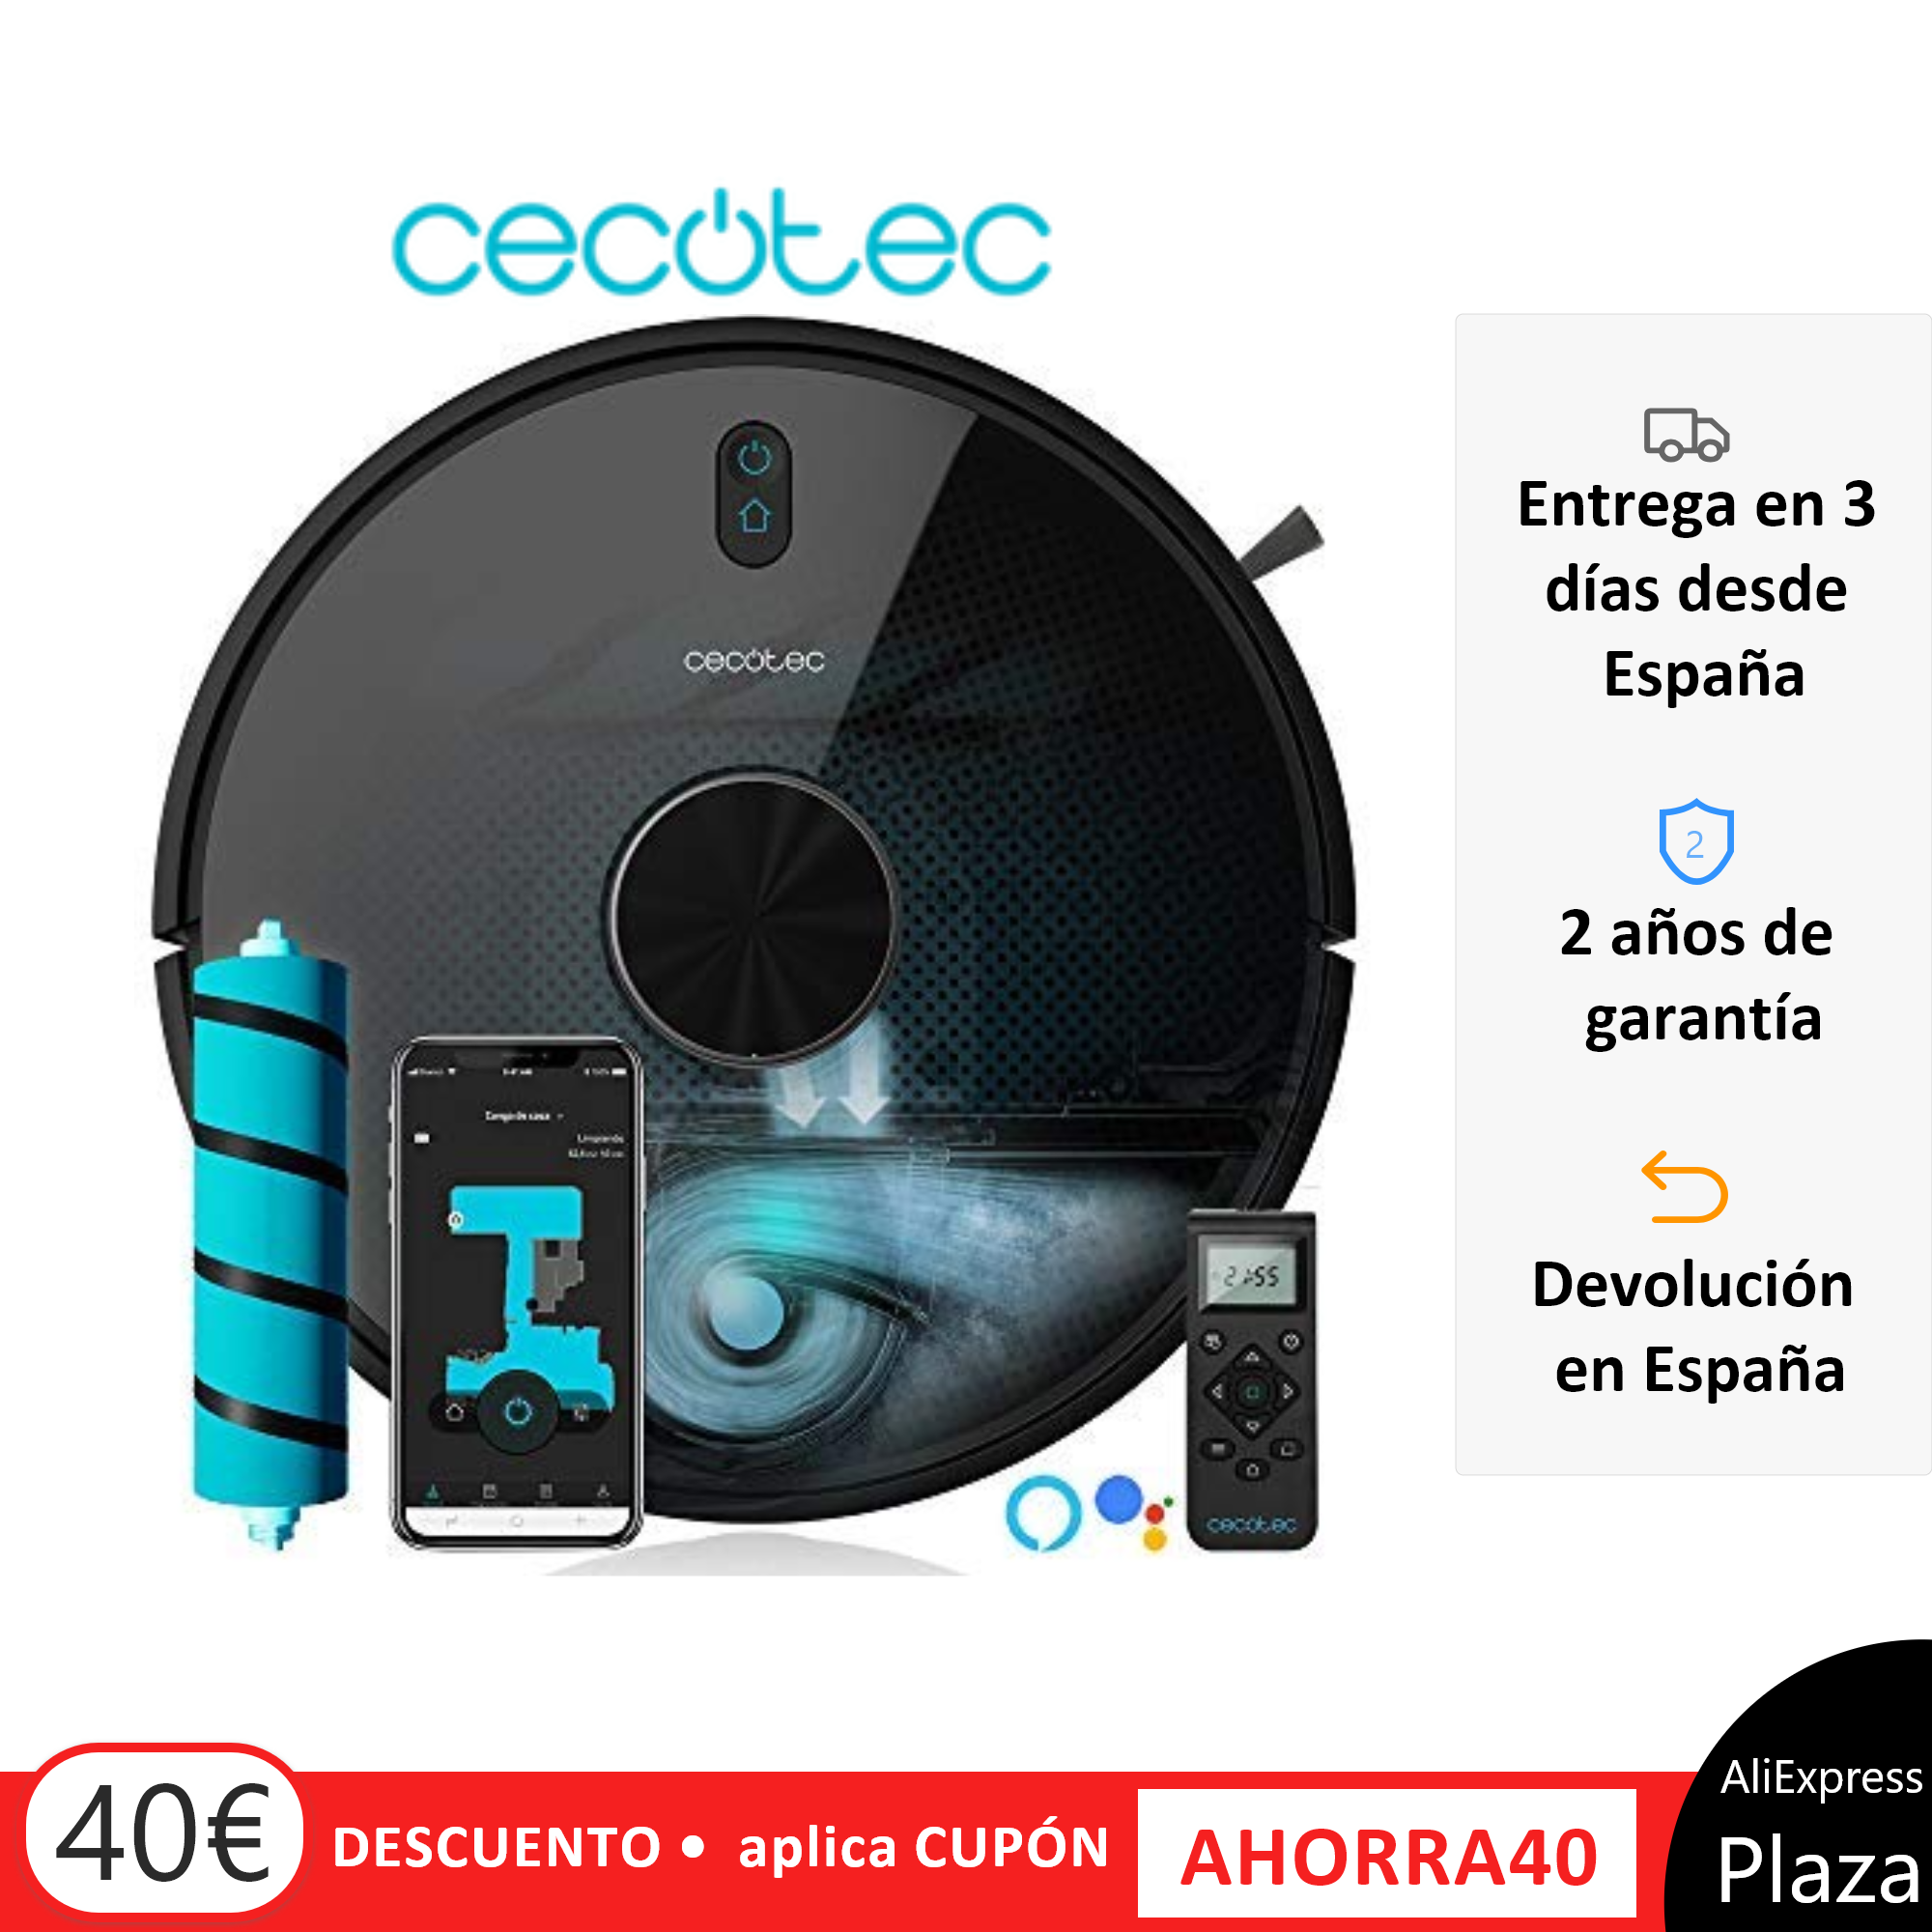 Cecotec Robot Aspirador Conga. Elige 5090 - 4090 - 3690 - 3490 - 3290 Gestión, Aspira, Barre, Friega, Cepillo Jalisco